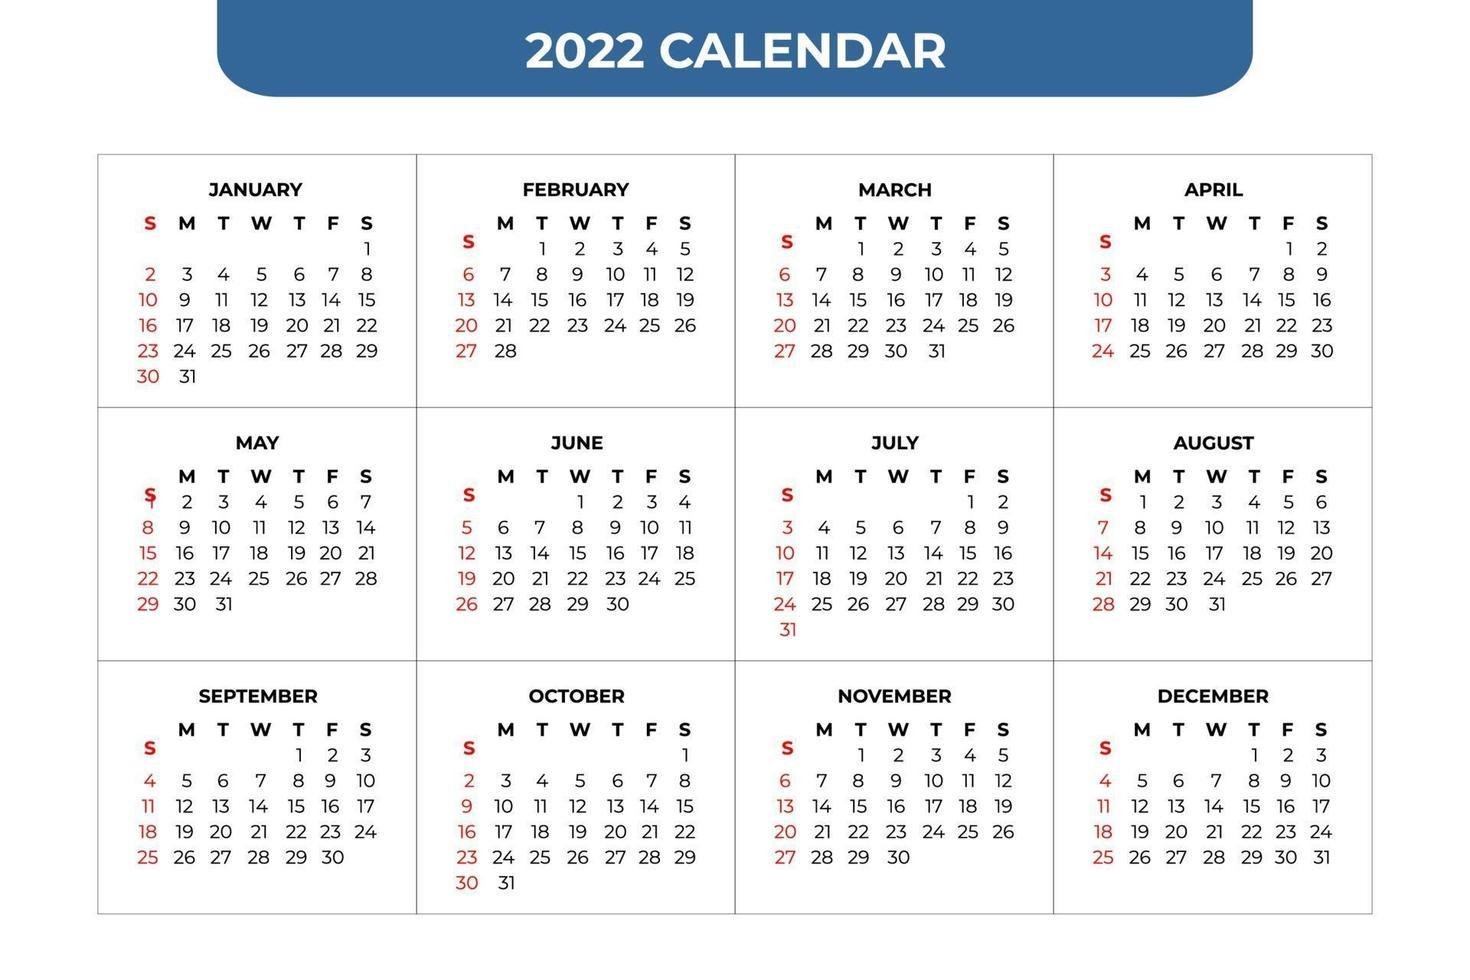 July 4 2022 Calendar.2022 Calendar Template 2159303 Vector Art At Vecteezy